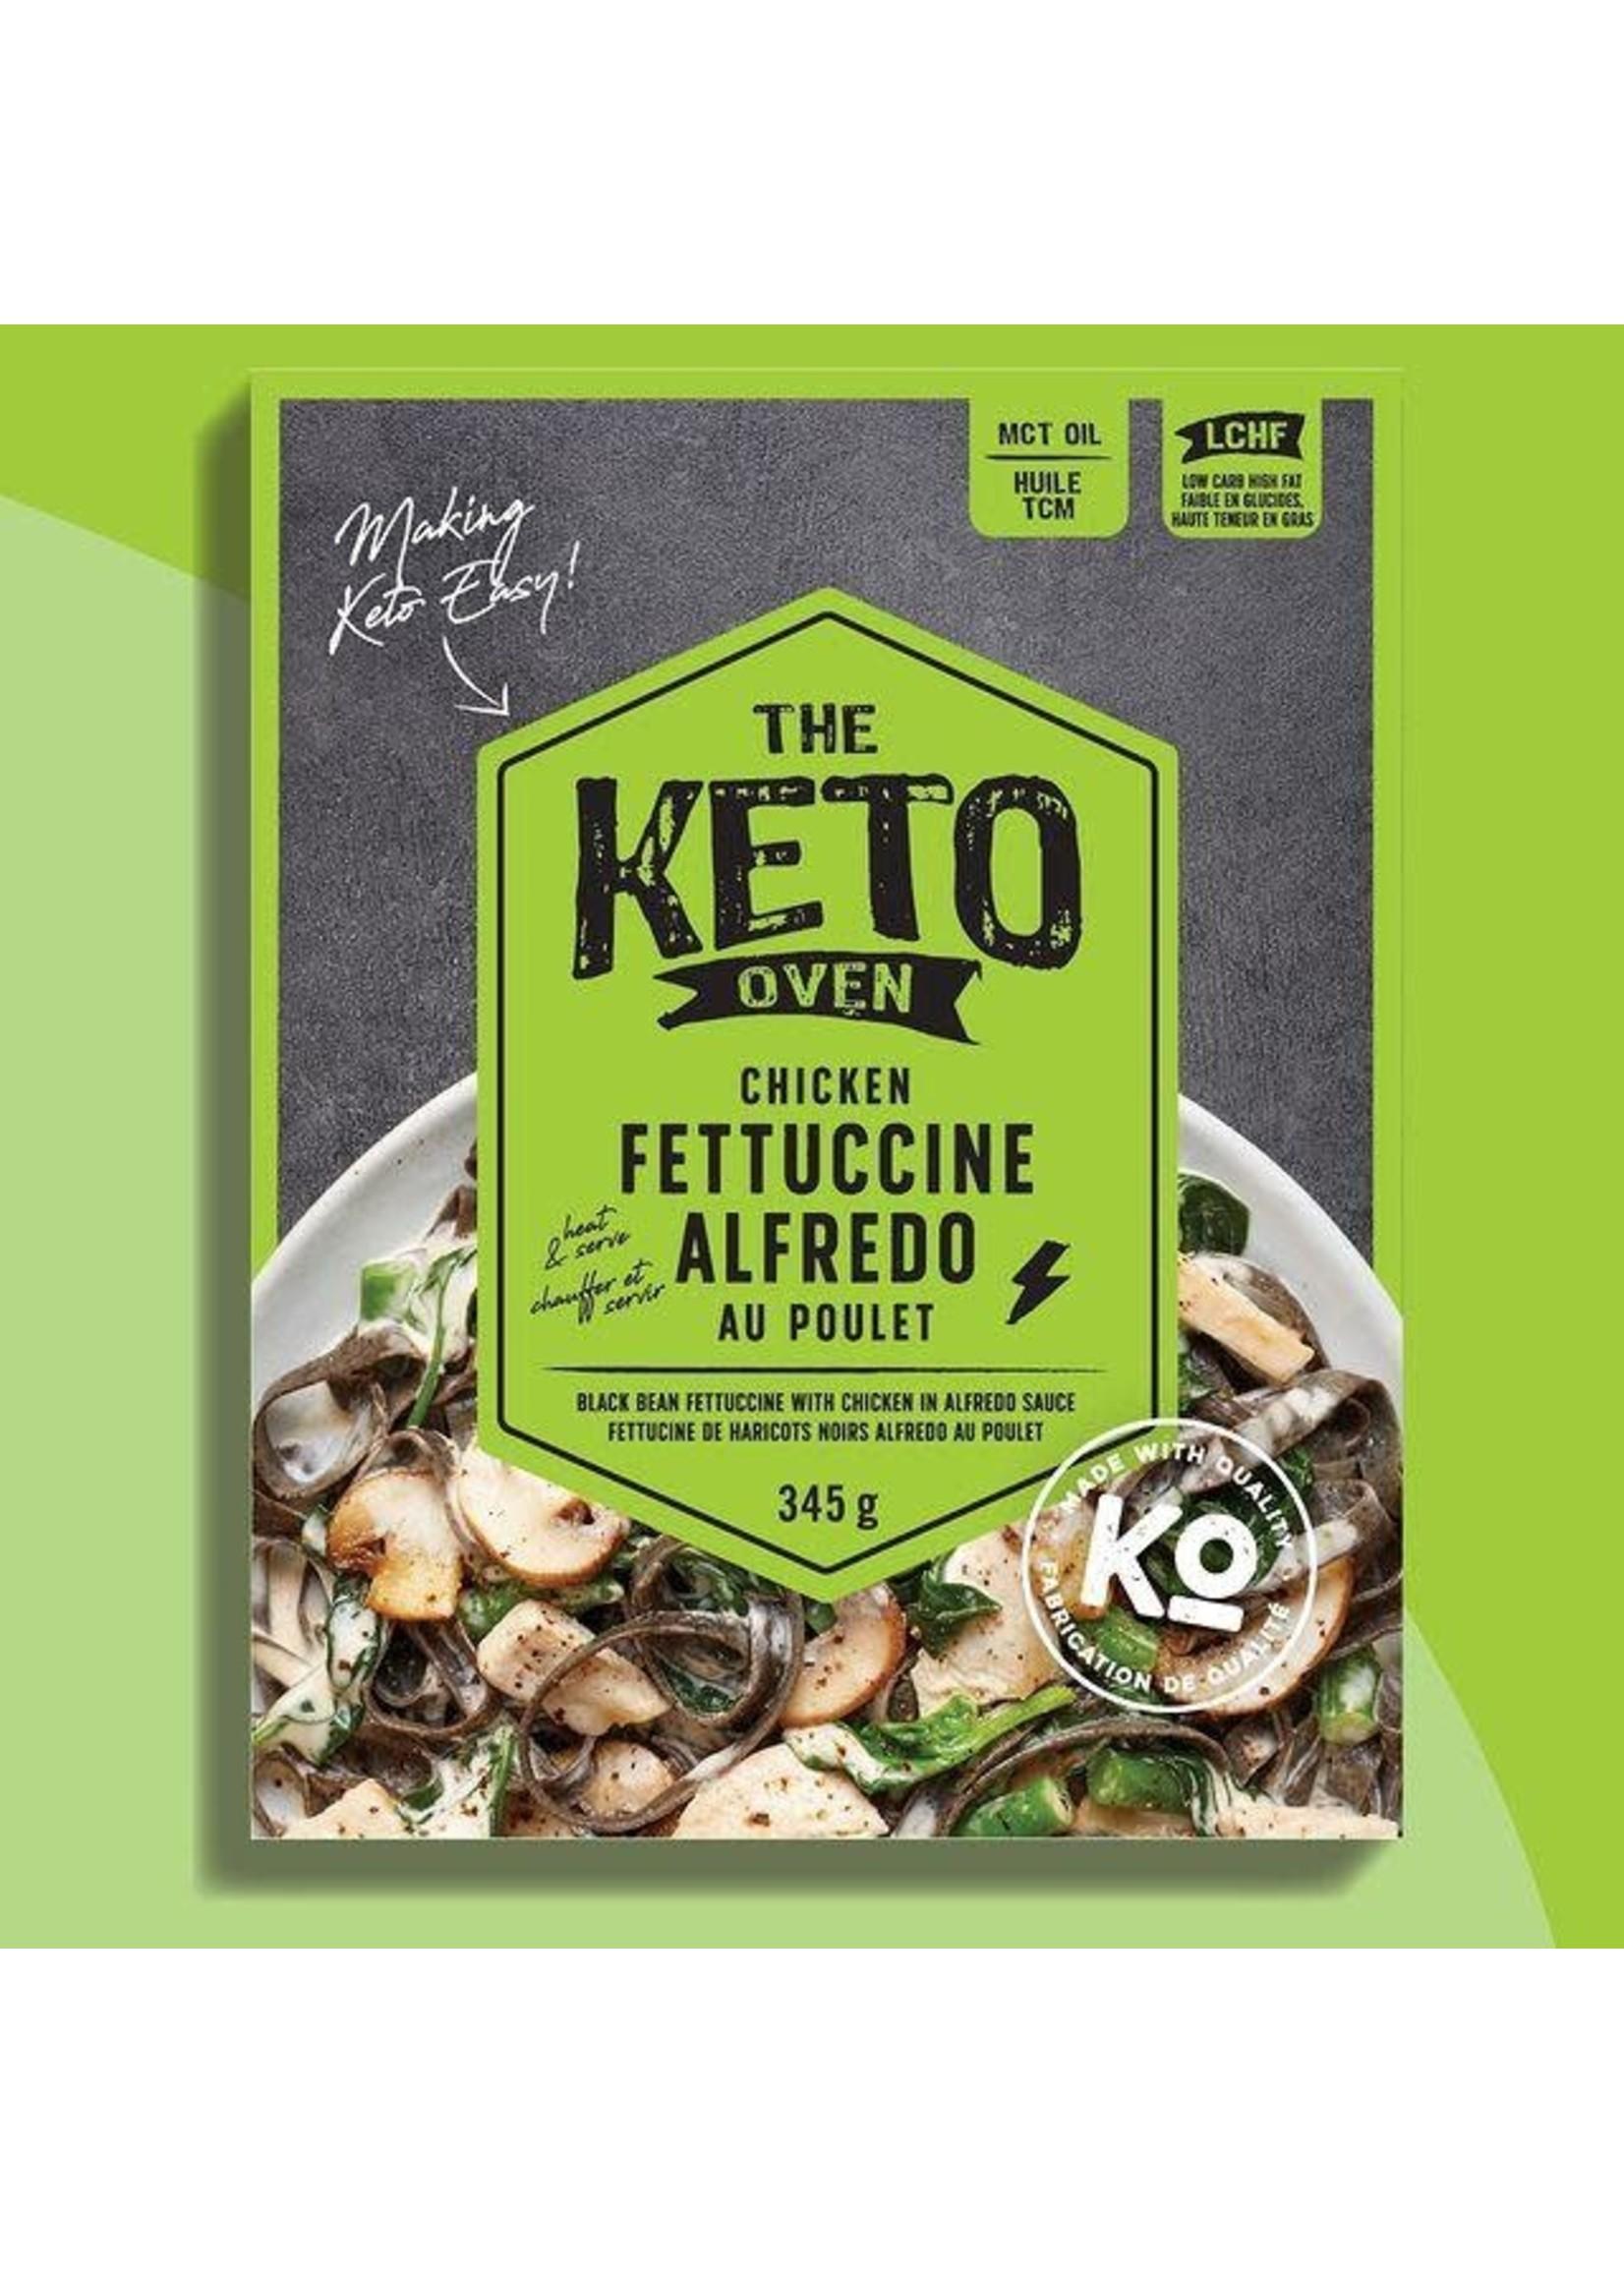 The Keto Kitchen The Keto Oven- Chicken Fettuccine Alfredo